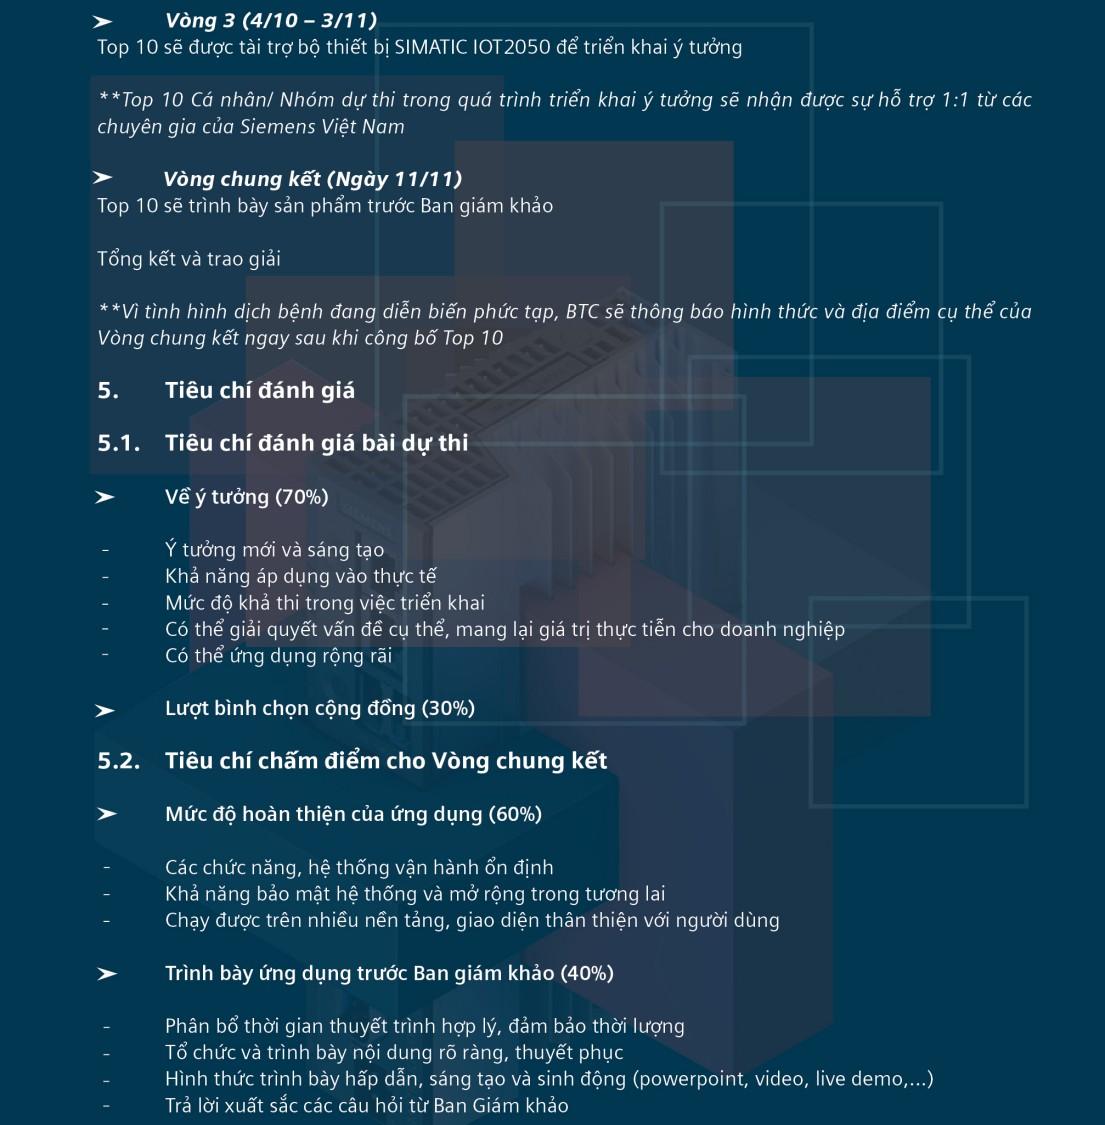 IOT2050_Full information 2